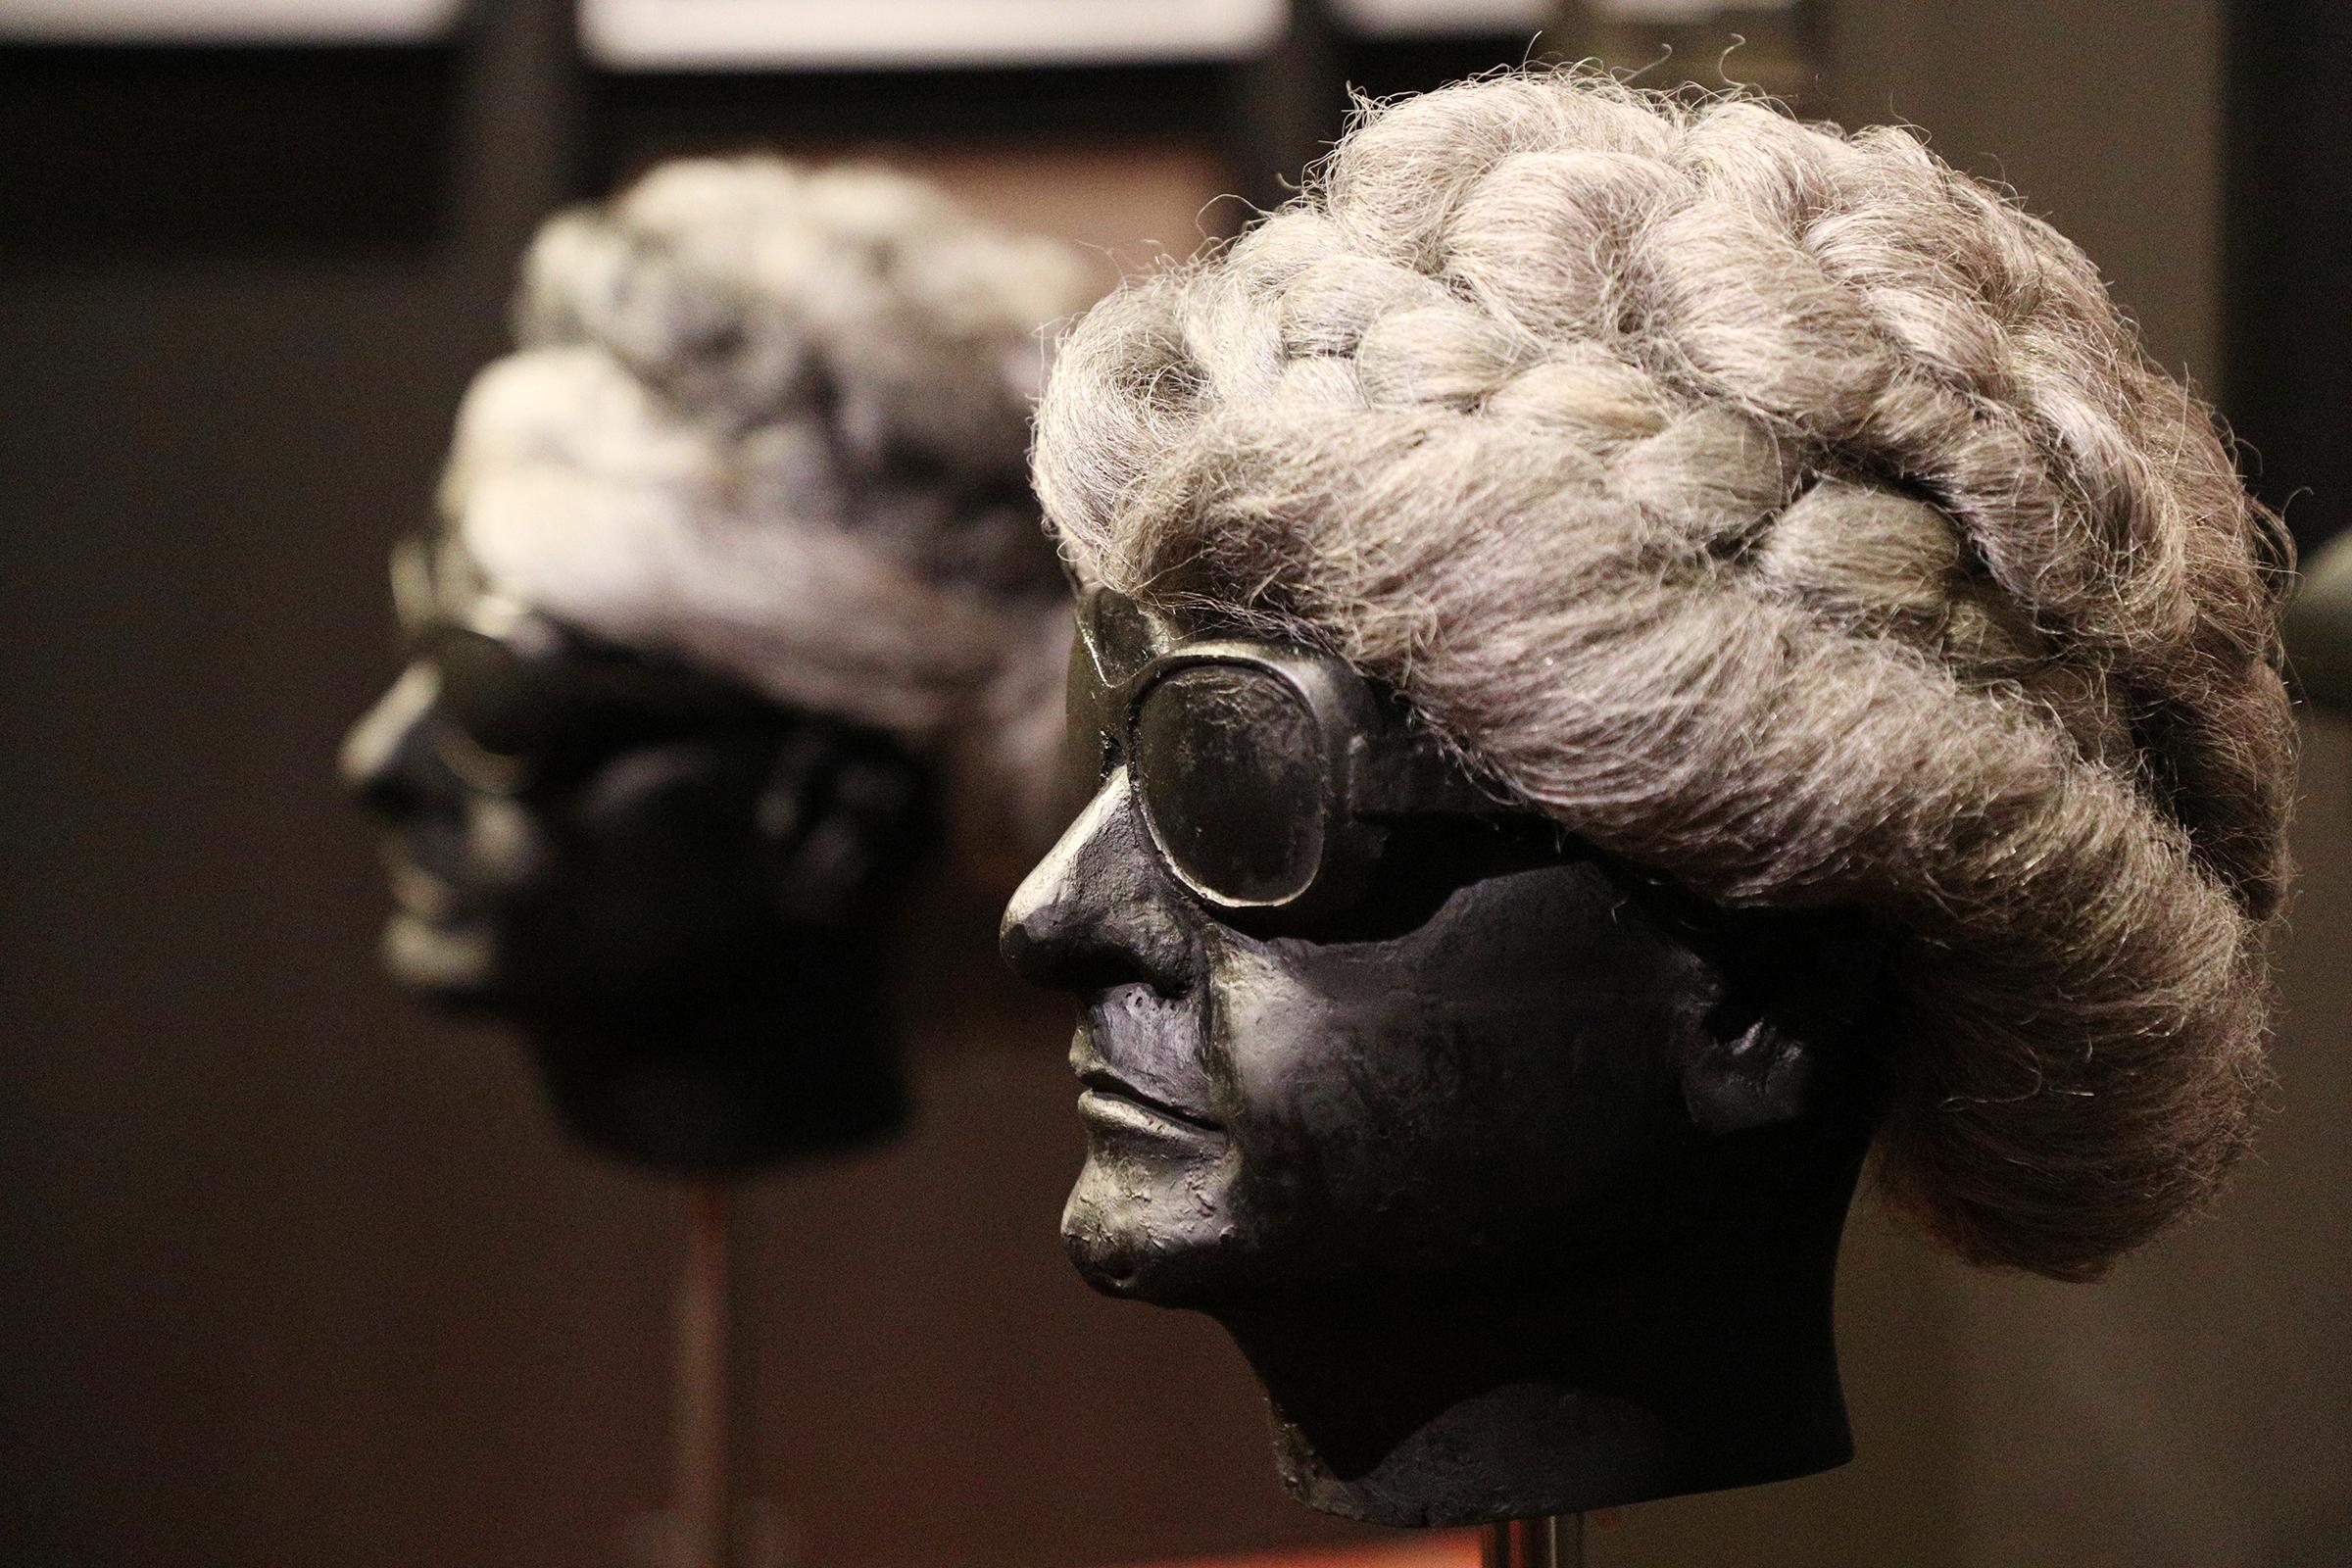 """El peinado de doña Fela fue cambiando con el paso de los años, pero desde la década de 1950 adoptó el uso de pelucas. Primero compradas en color castaño y luego algunas hechas con su cabello gris haciéndose el famoso peinado """"pompadour"""". (Foto: Juan Luis Martínez)"""